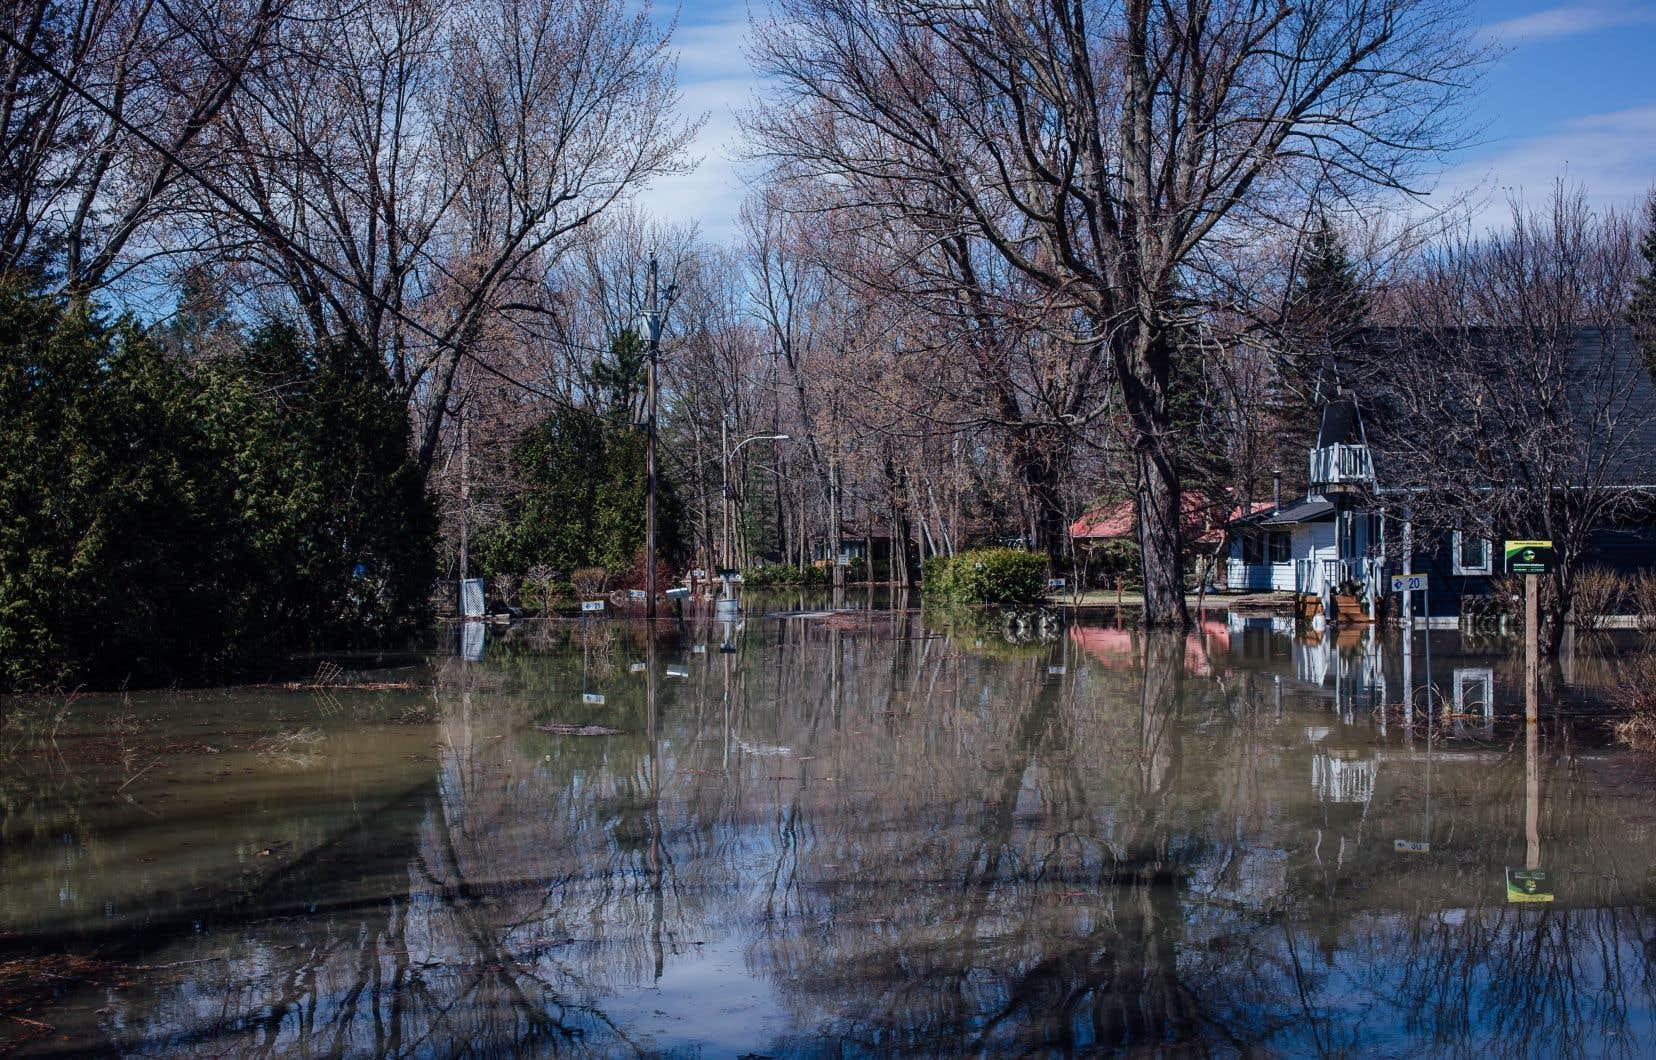 Rigaud est l'une des municipalités lourdement affectées par la crue printanière de 2019.